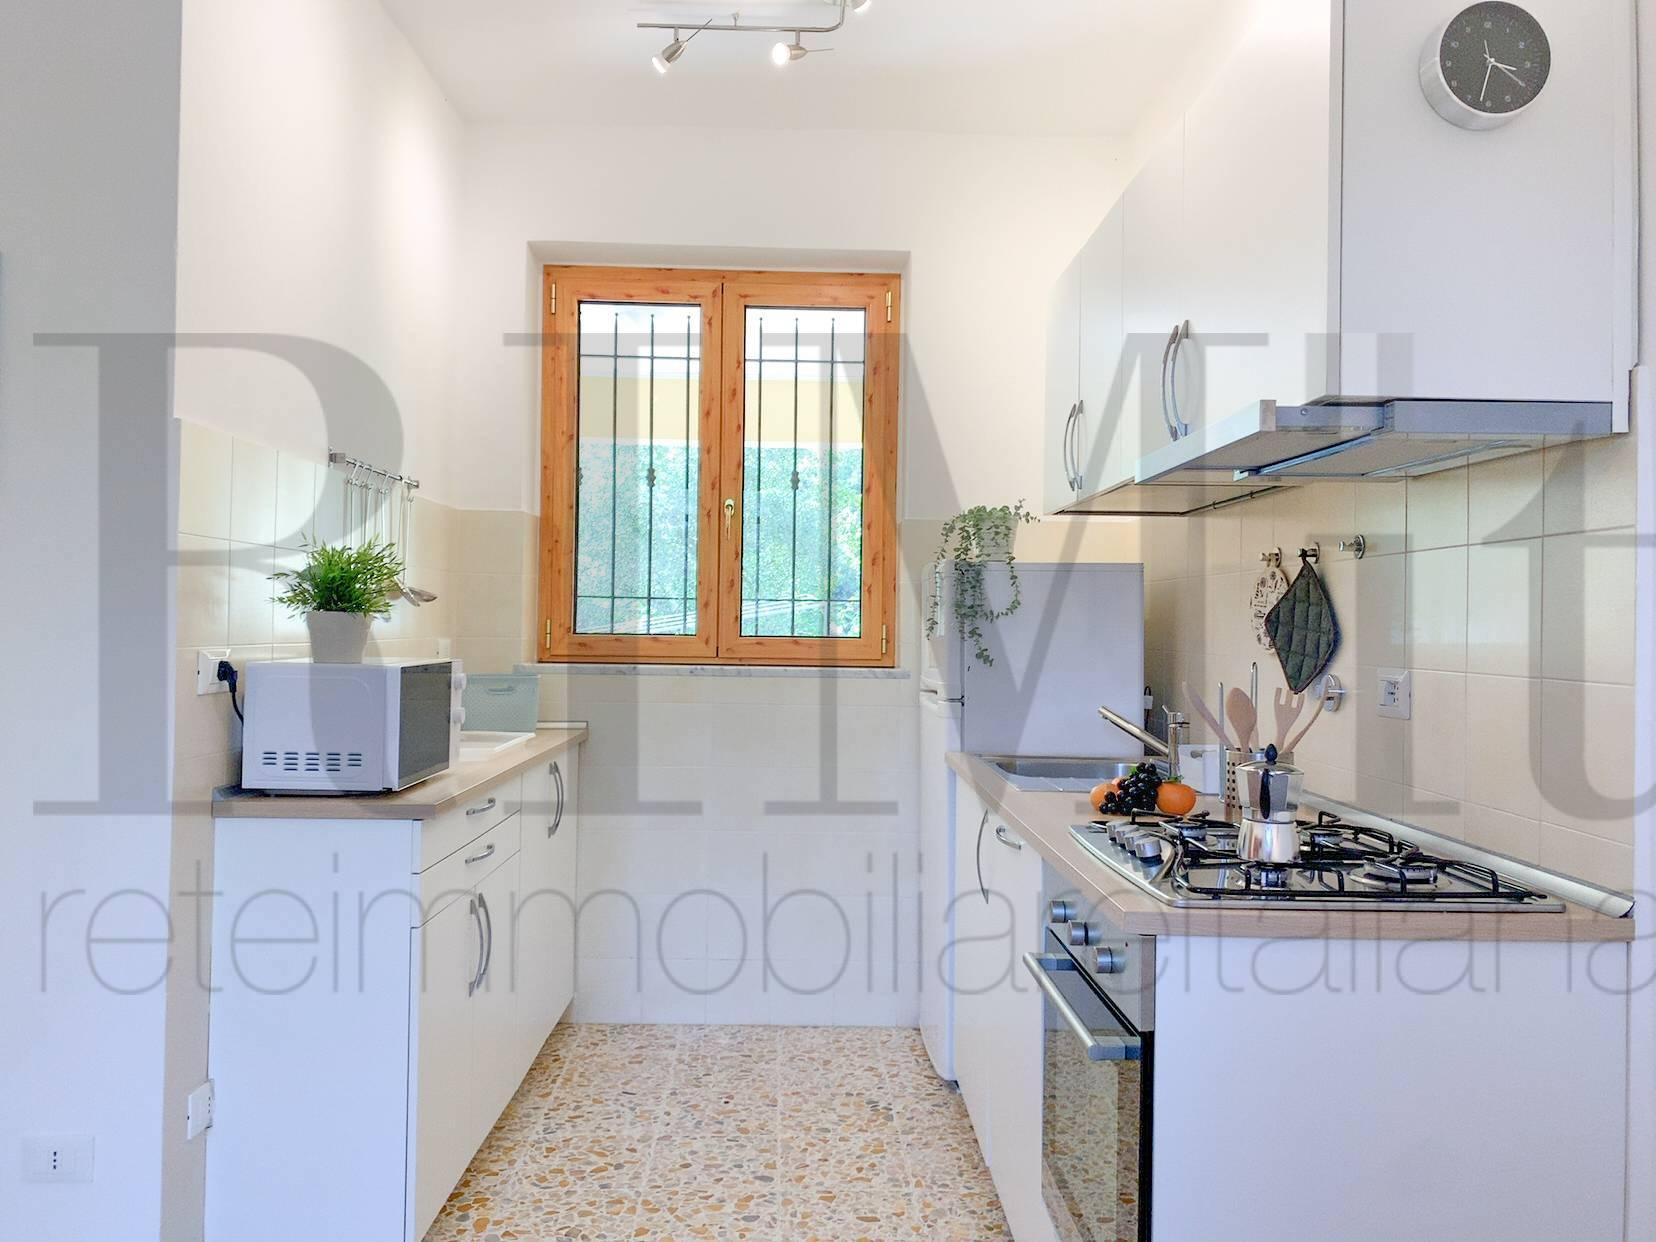 Appartamento in affitto a Moneglia (GE)